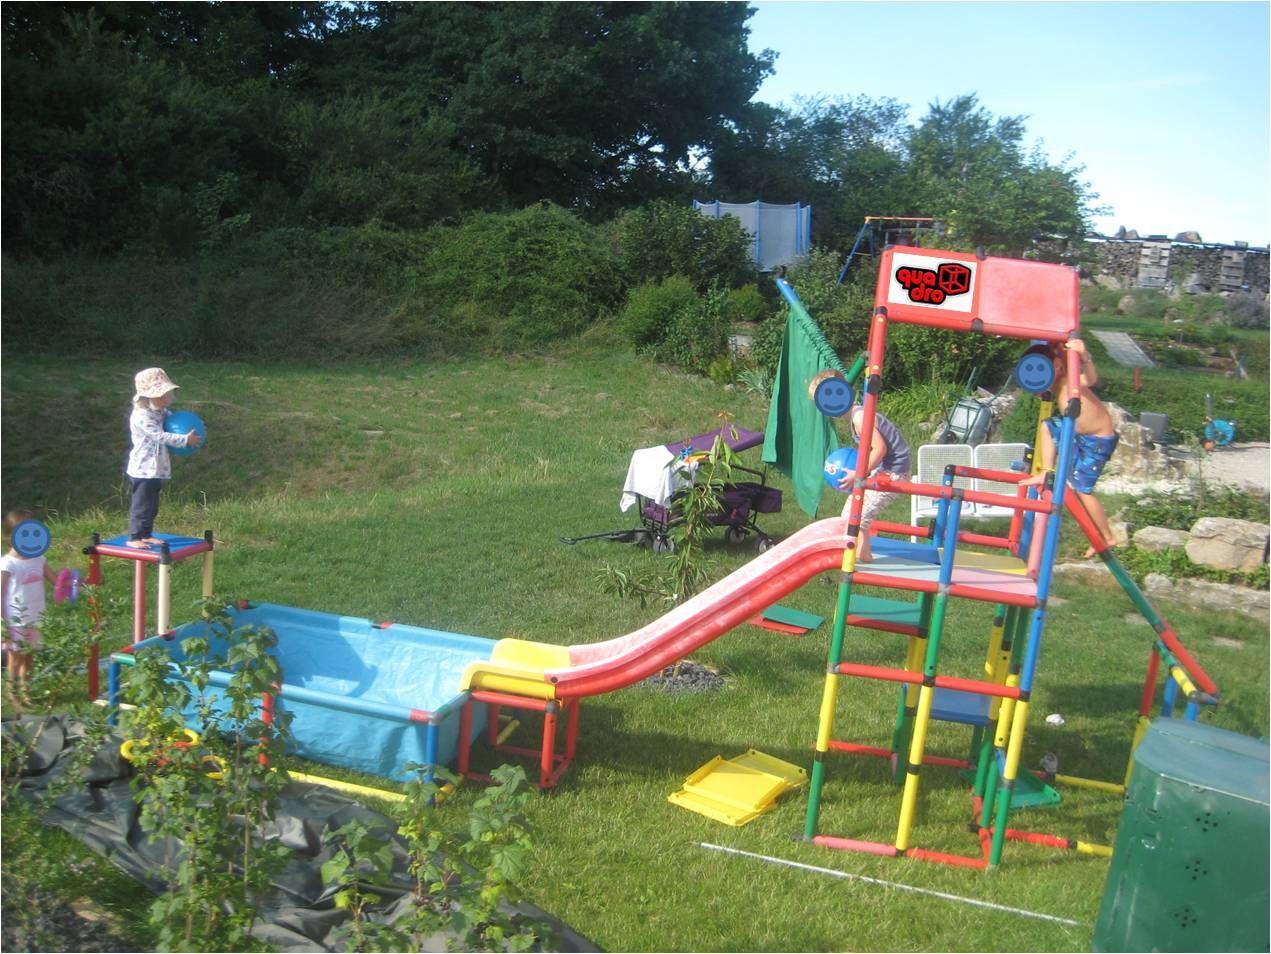 planschbecken mit sprungturm, rutsche und kletterturm von quadro